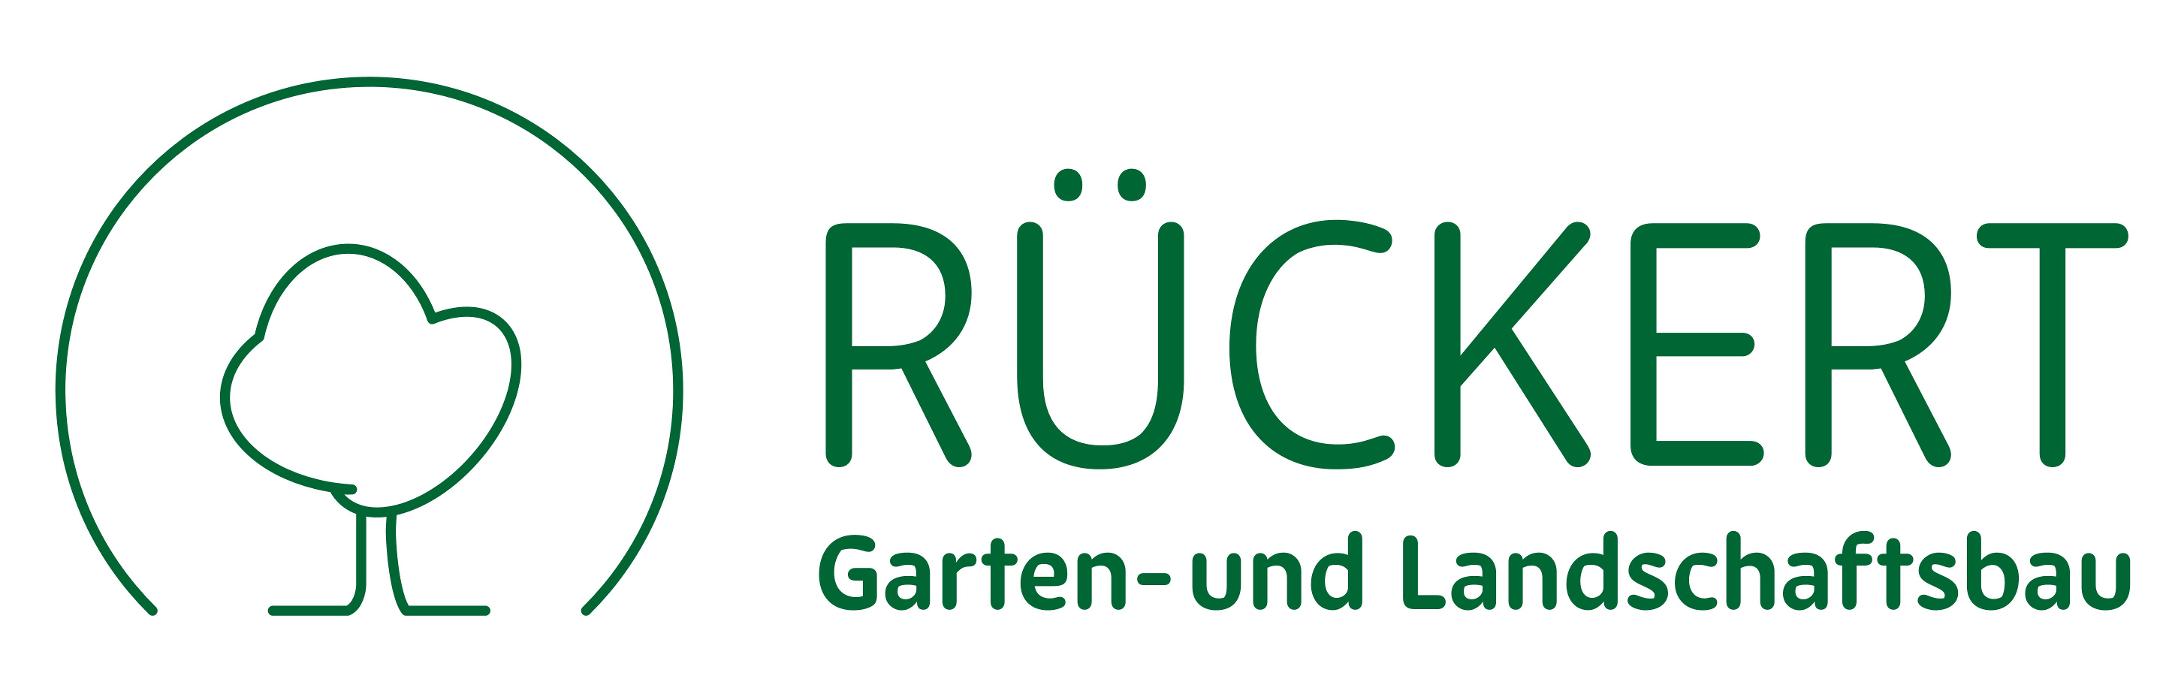 Bild zu Patrick Rückert Garten-und Landschaftsbau in Falkensee